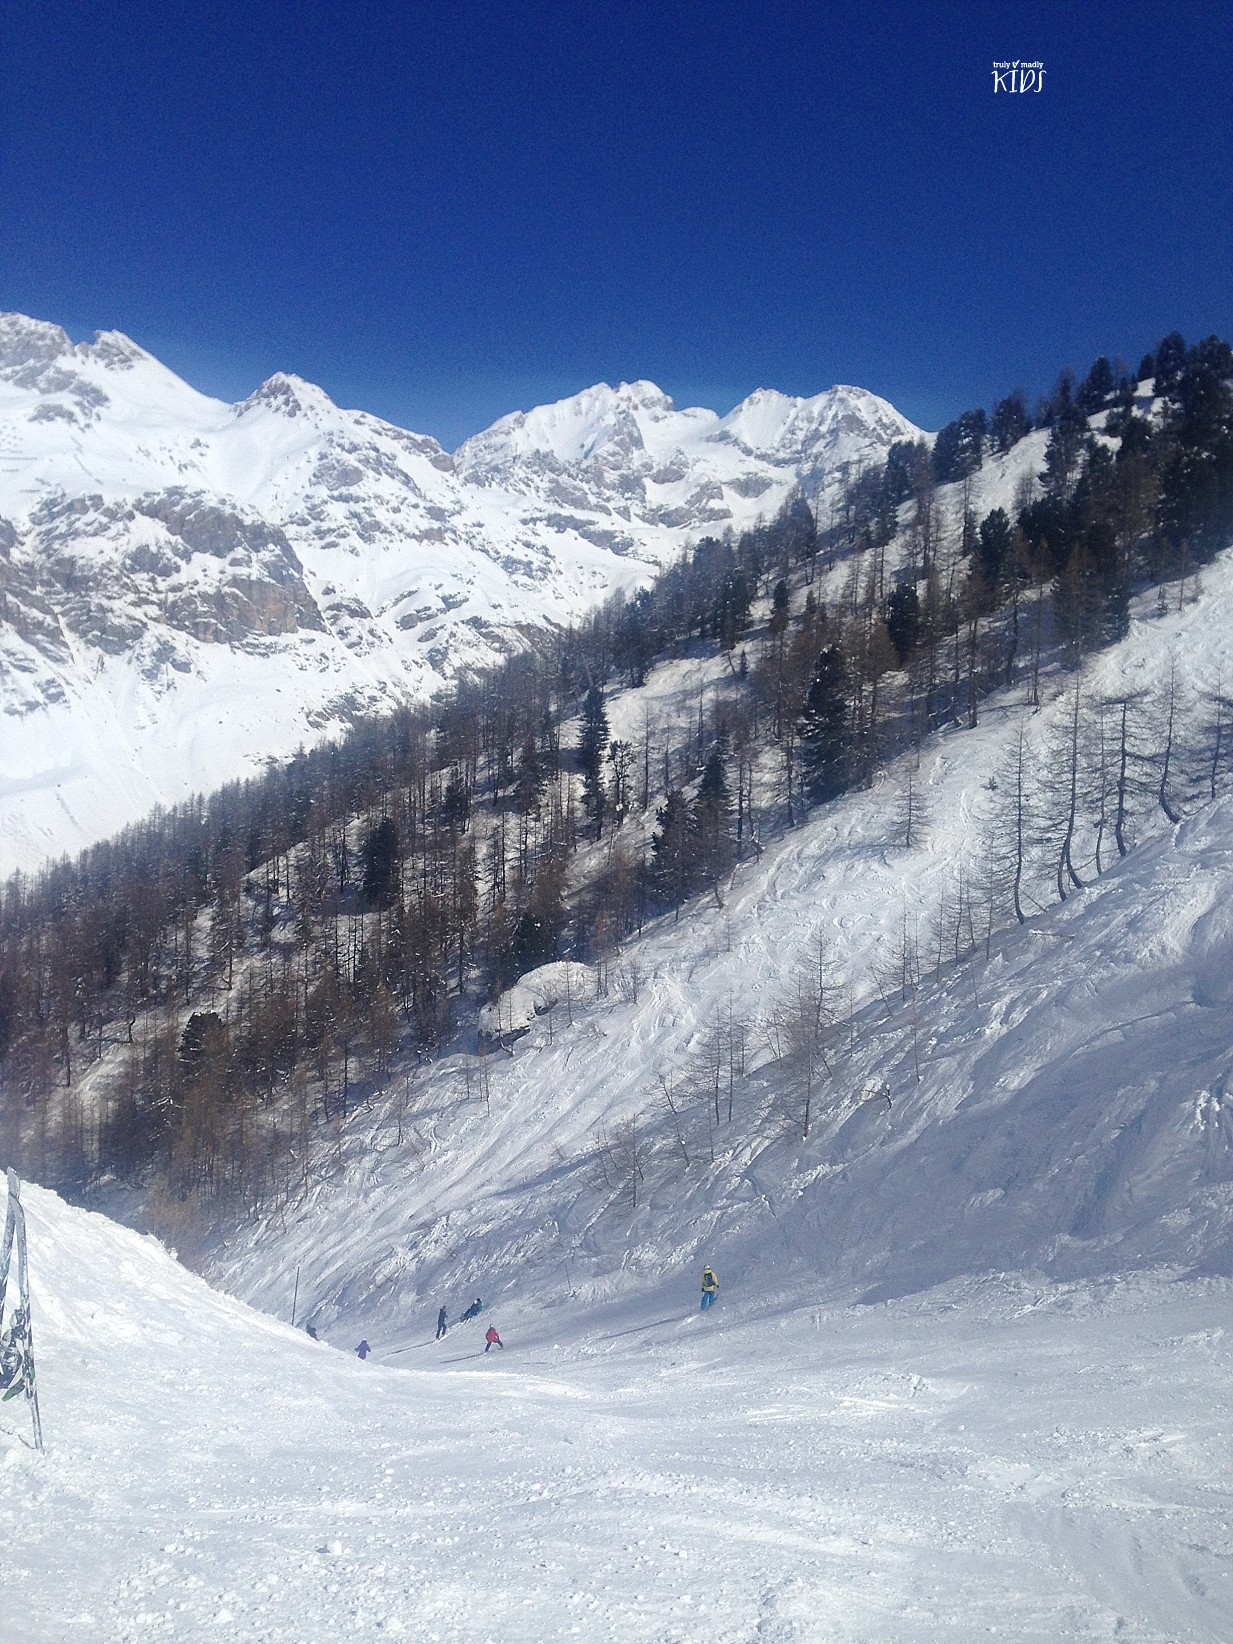 ski, family ski-ing, Val d'Isere, blue skies